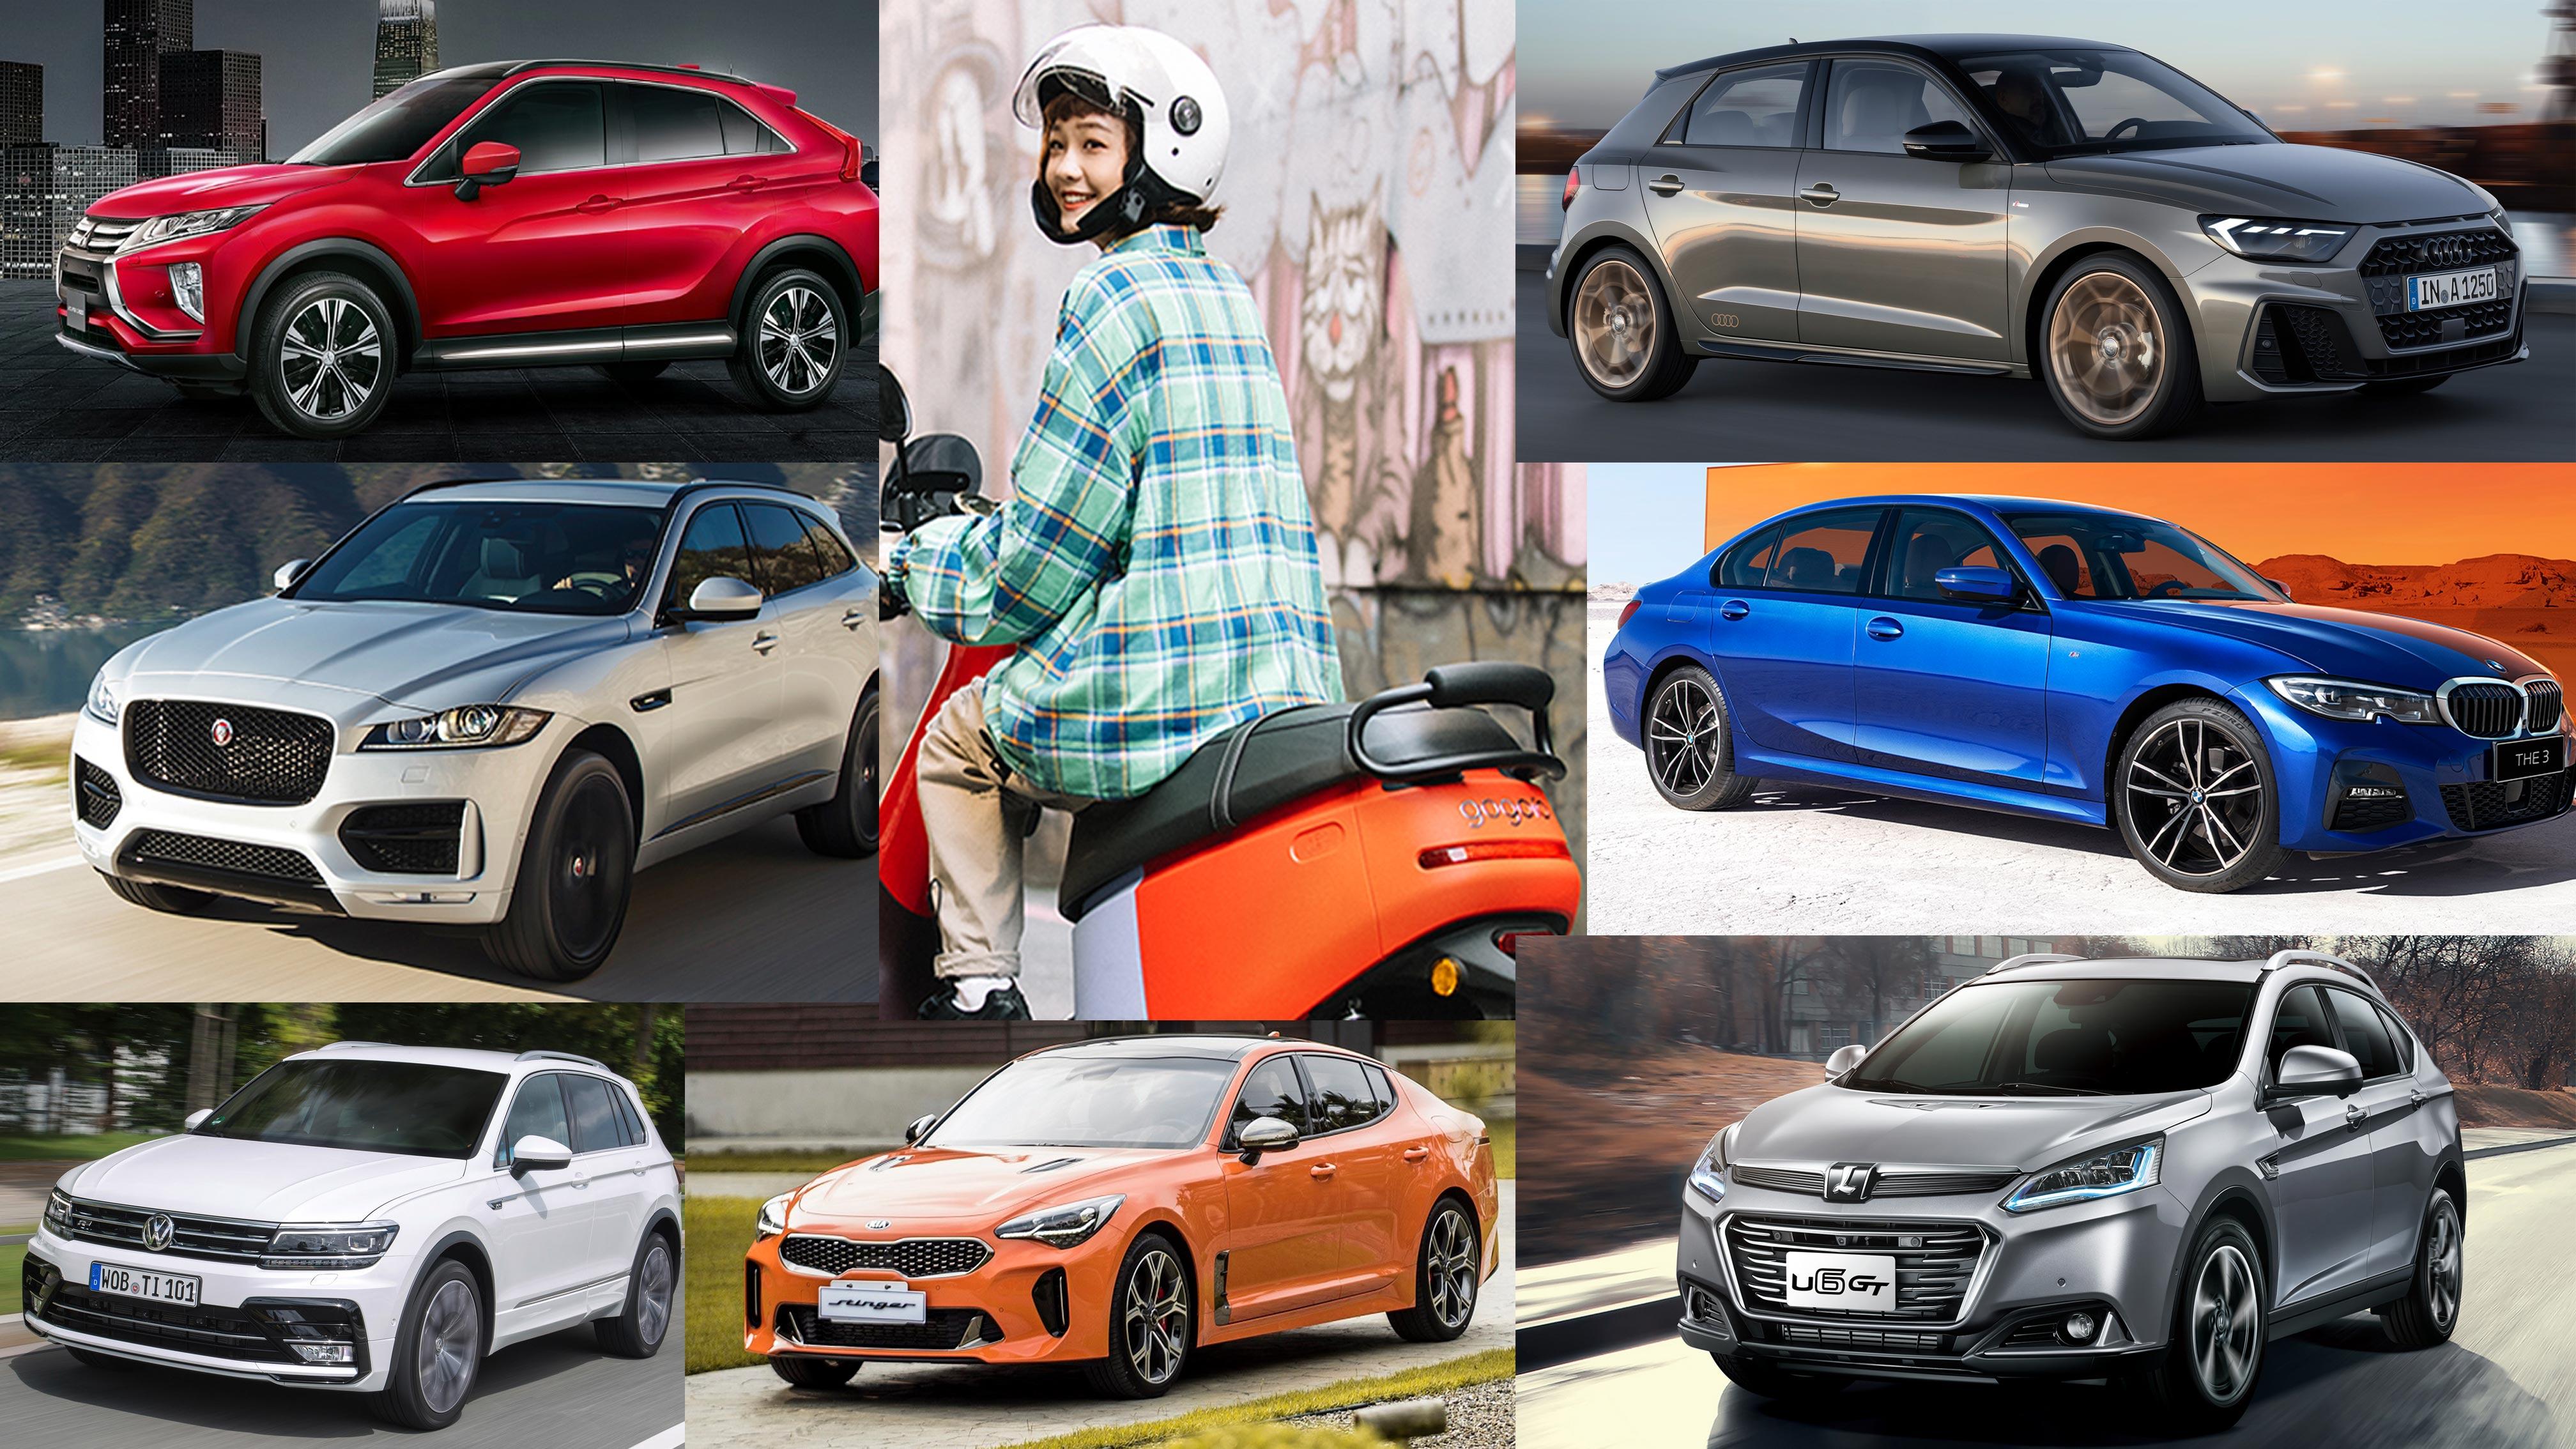 2020 年 6 月購車優惠總整理!買車看這最便宜